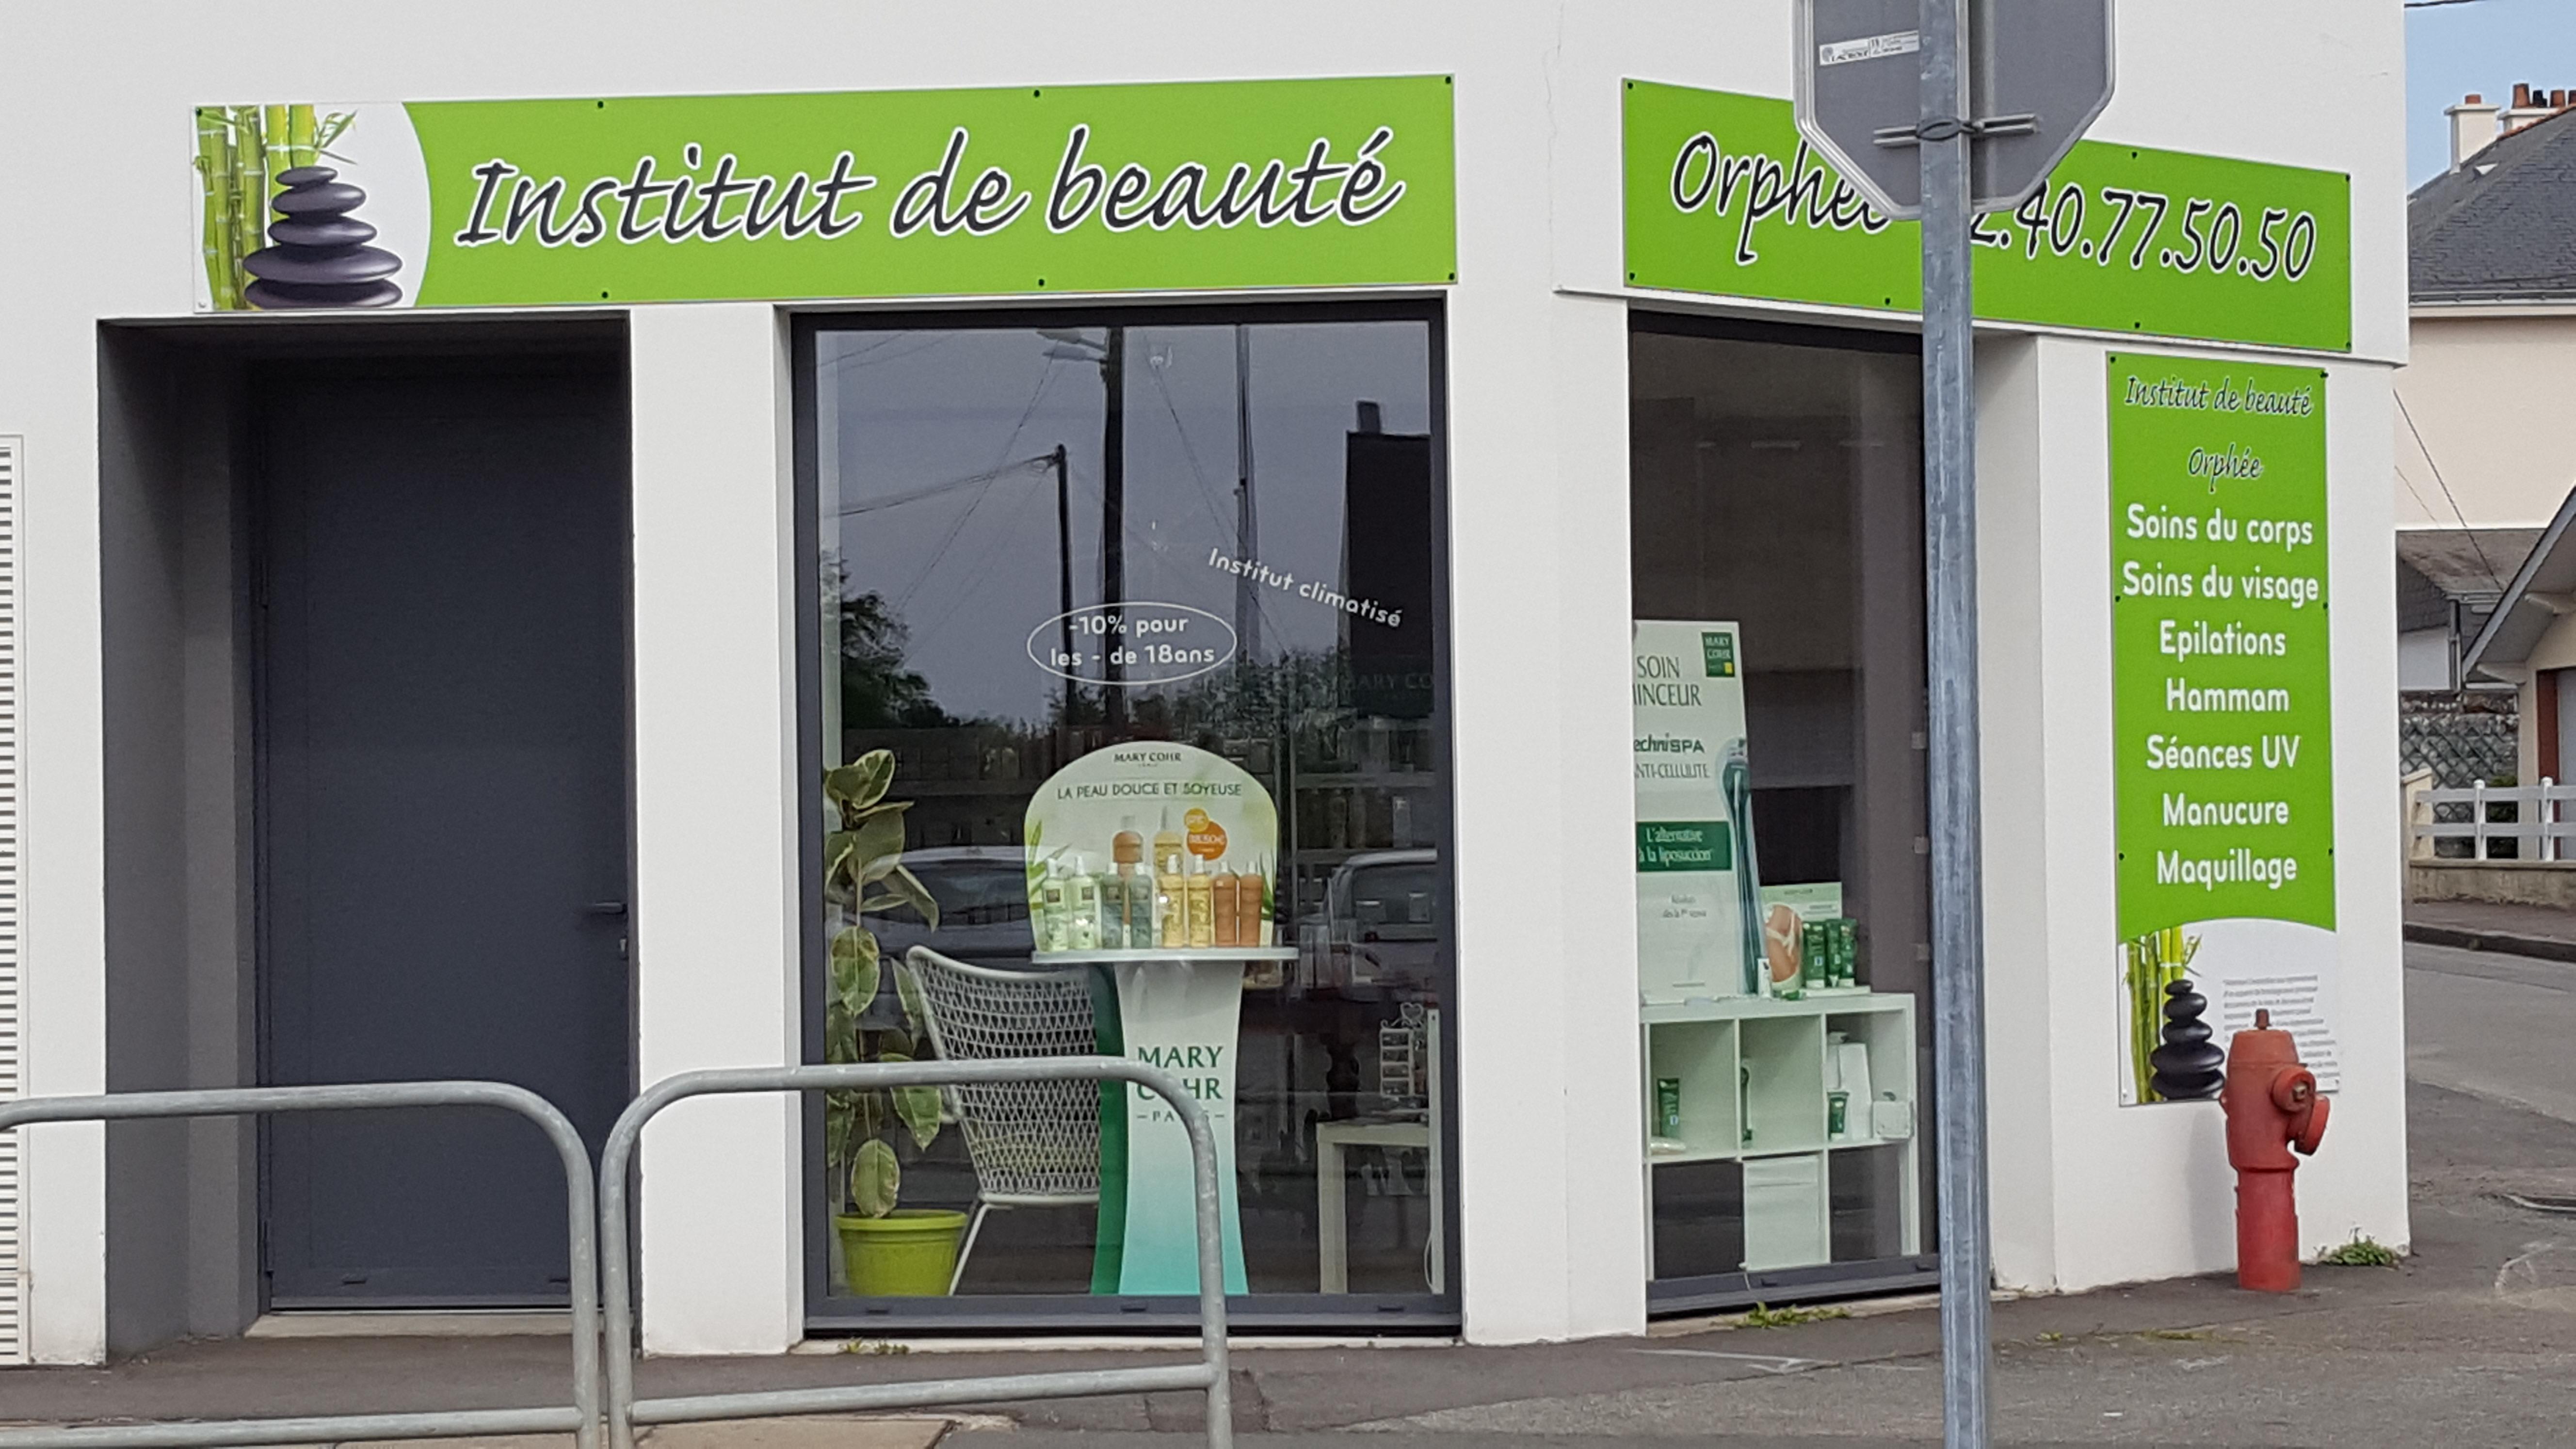 INSTITUT DE BEAUTE ORPHEE